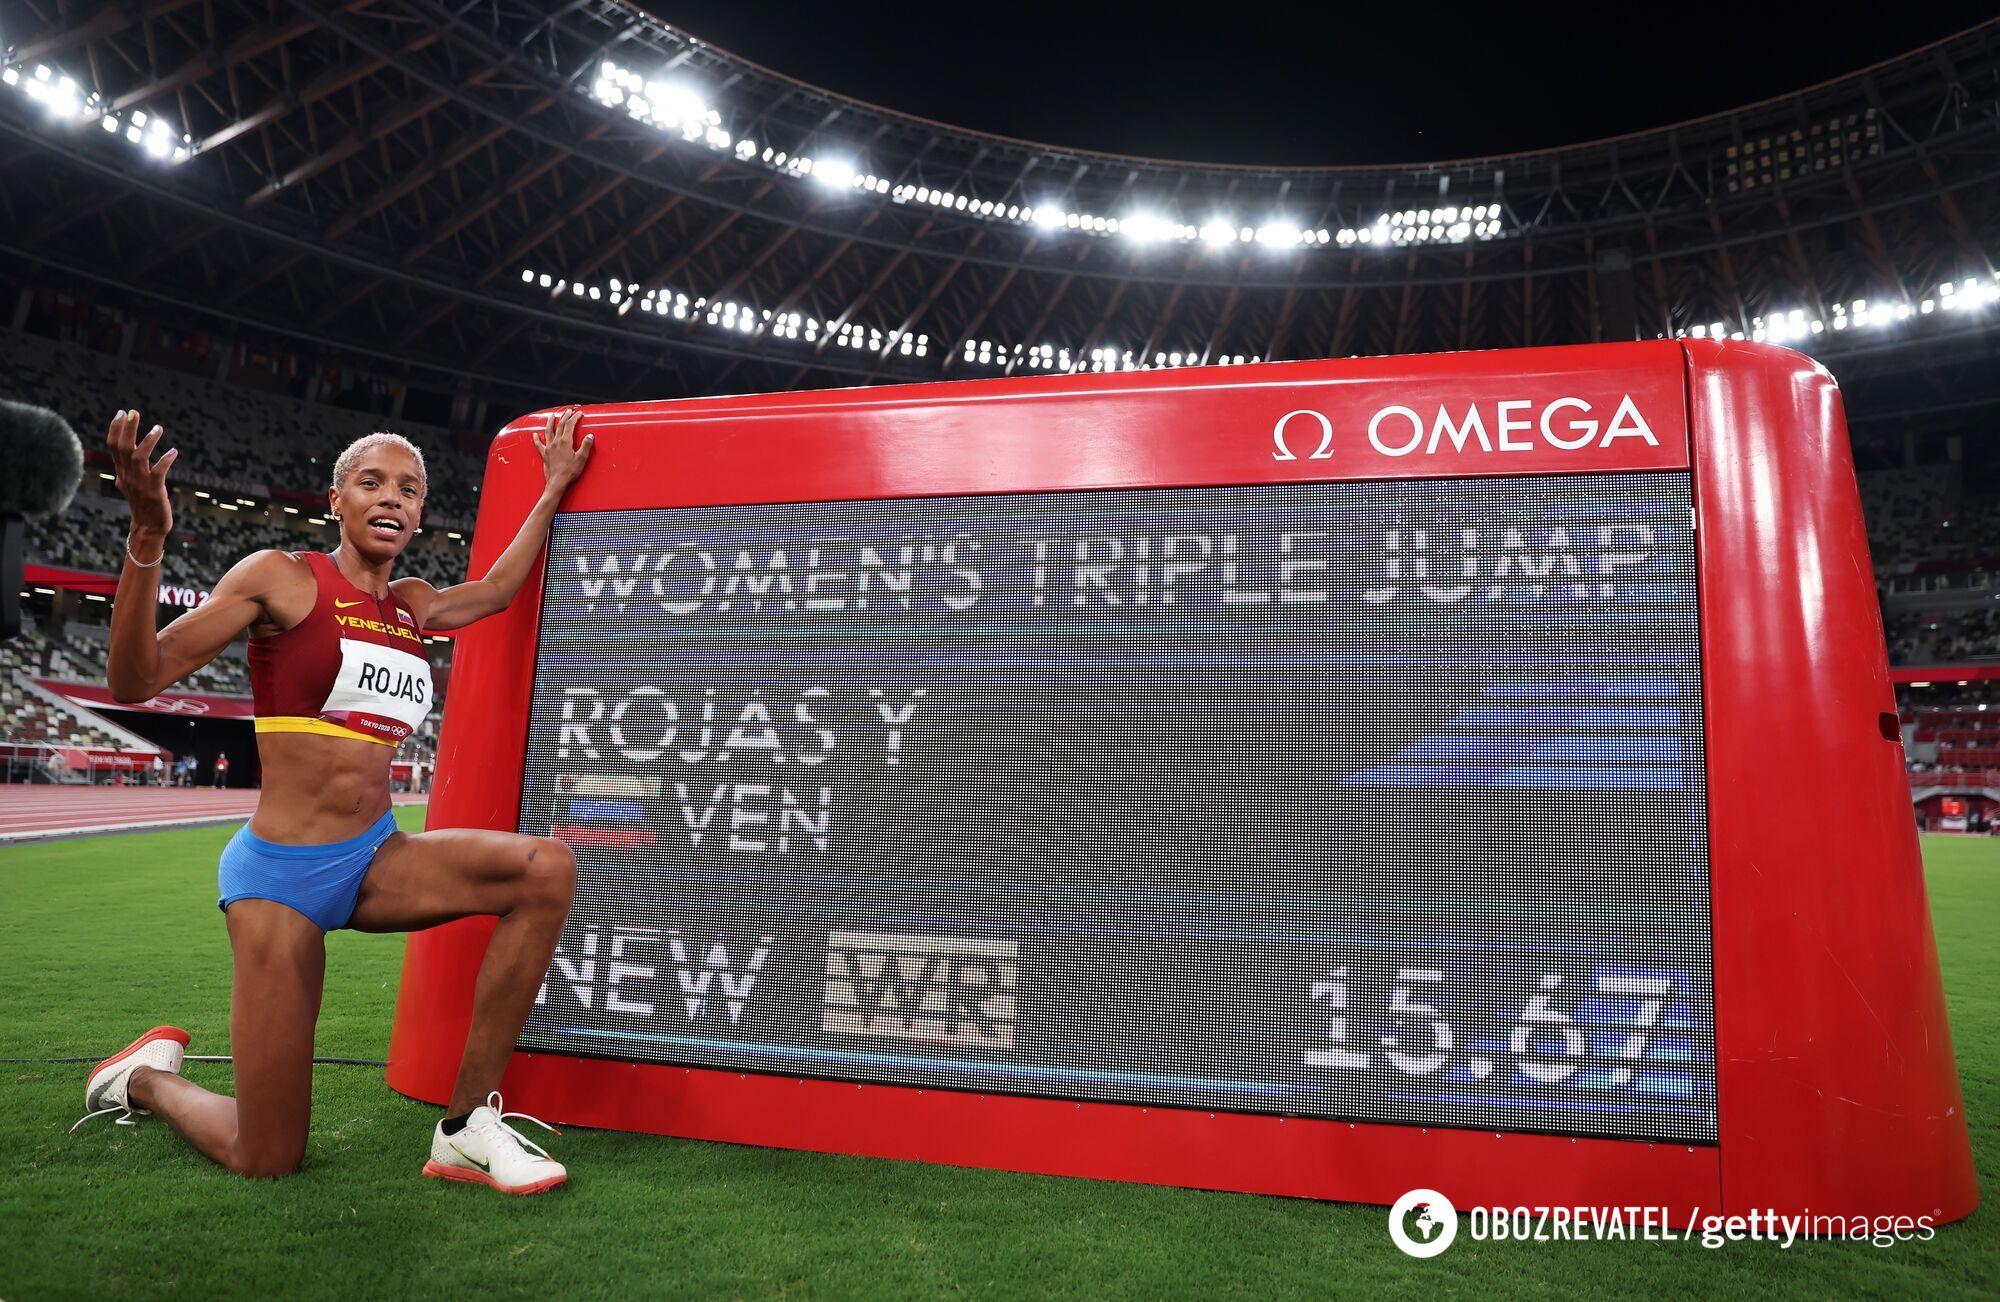 Юлімар Рохас встановила новий рекорд